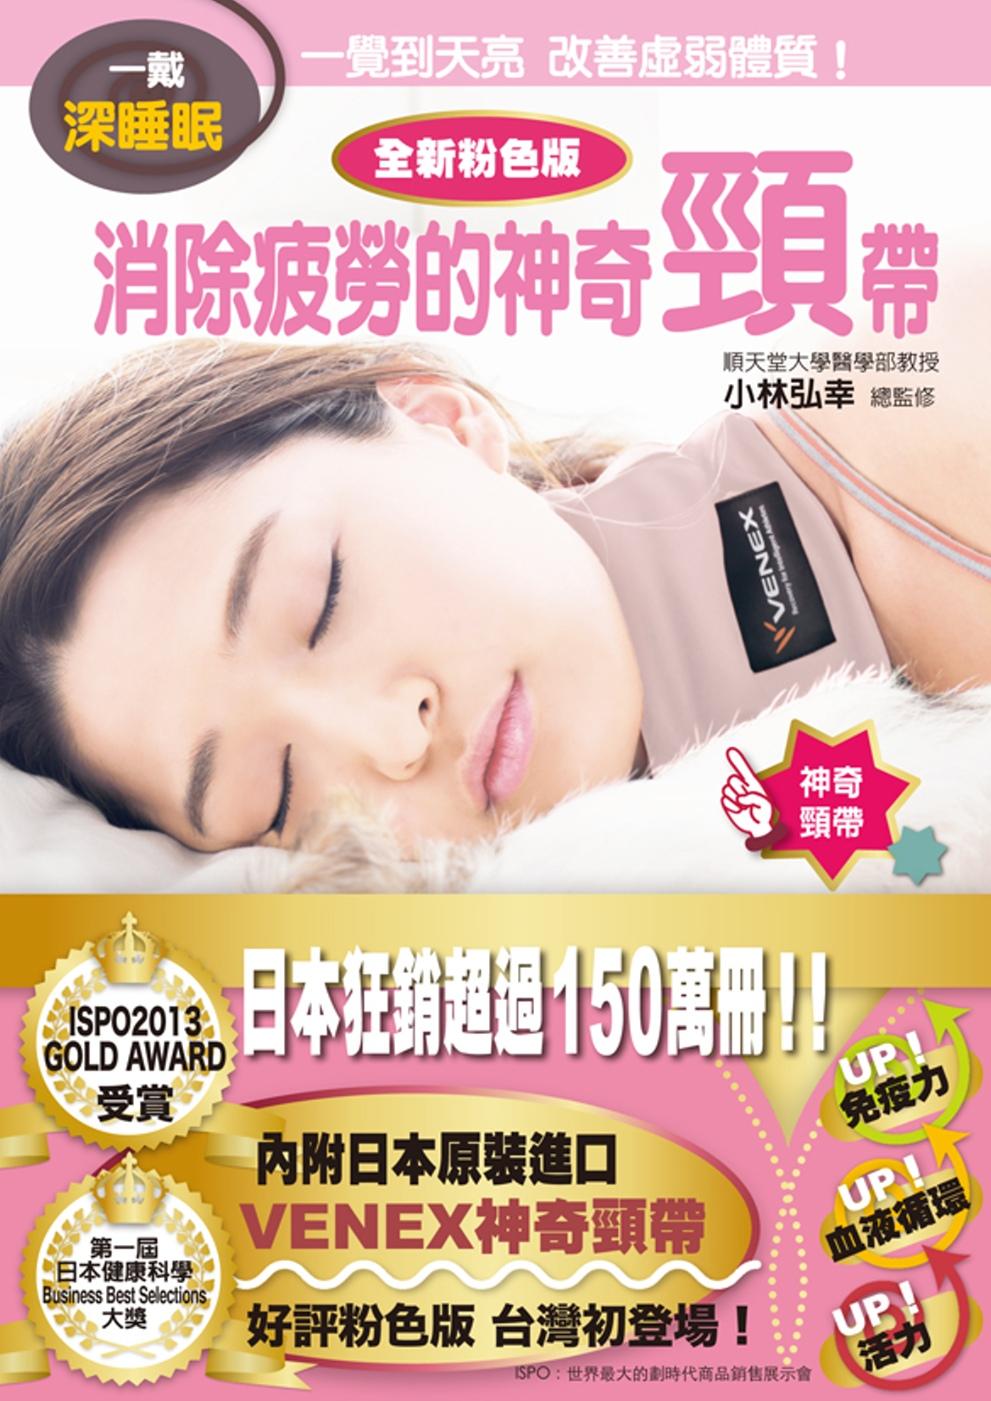 ◤博客來BOOKS◢ 暢銷書榜《推薦》一戴深睡眠:消除疲勞的神奇頸帶【全新粉色版】